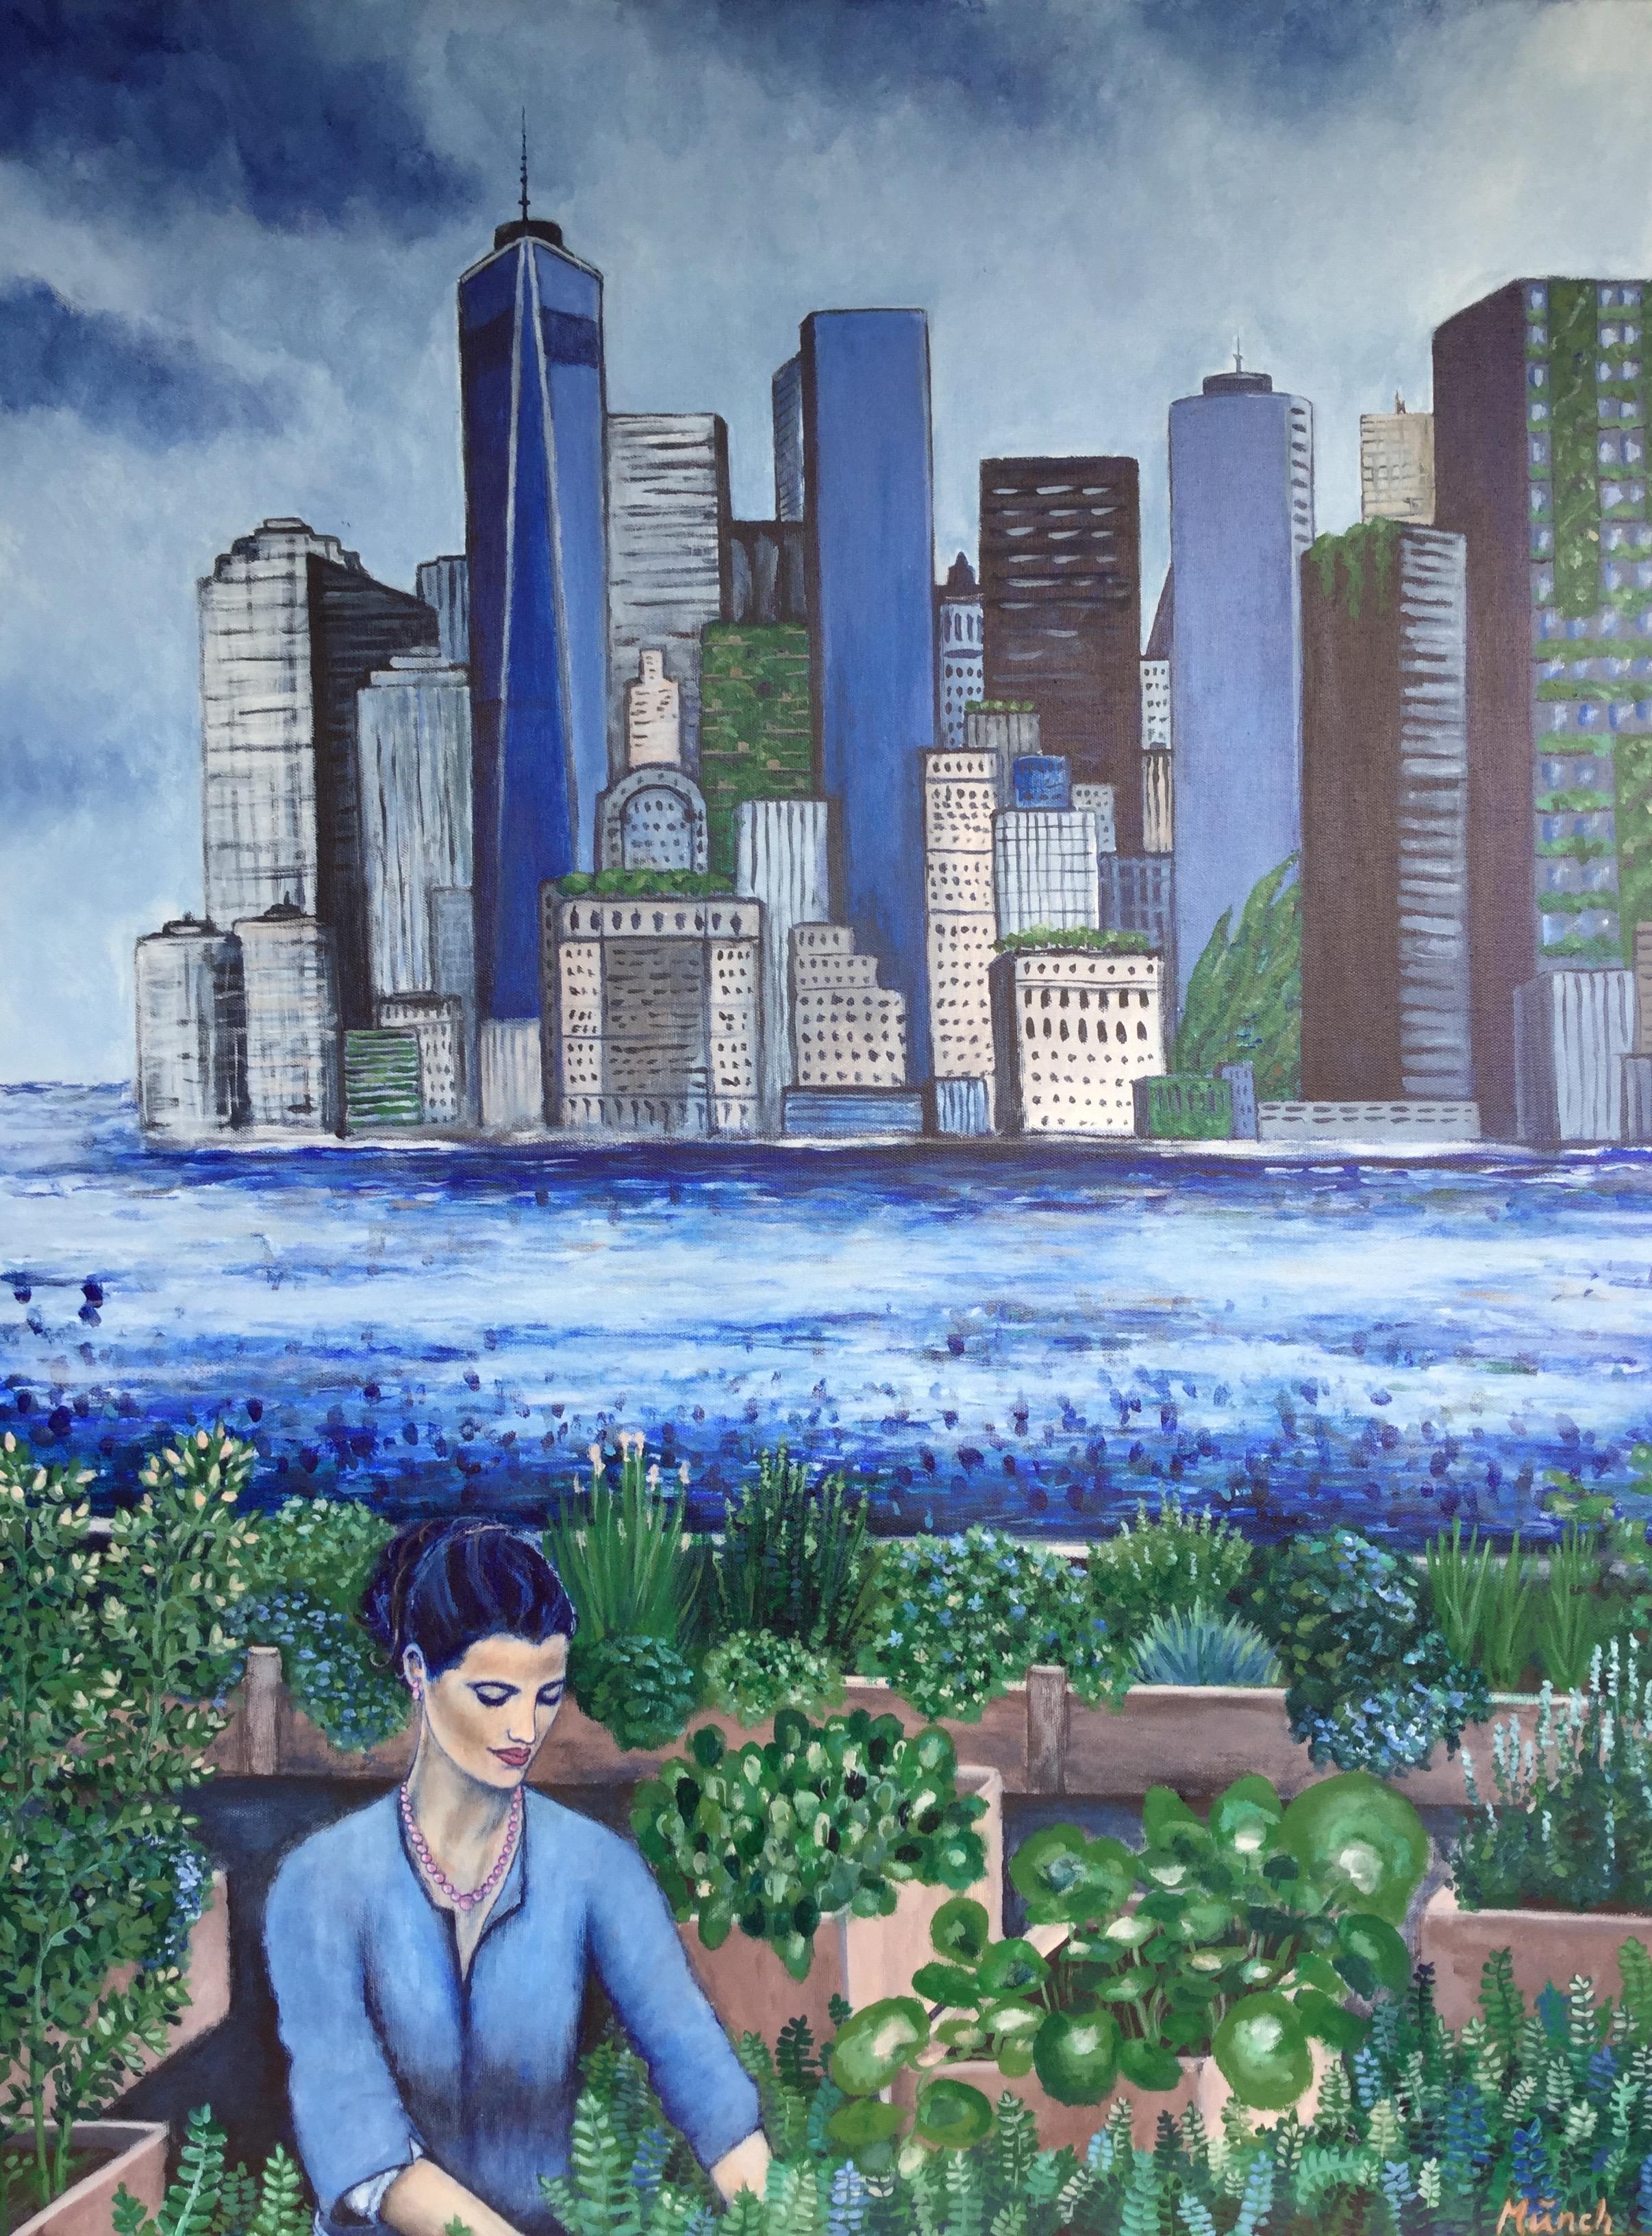 urban gardening, 30''x40'', acrylic on canvas, 2016